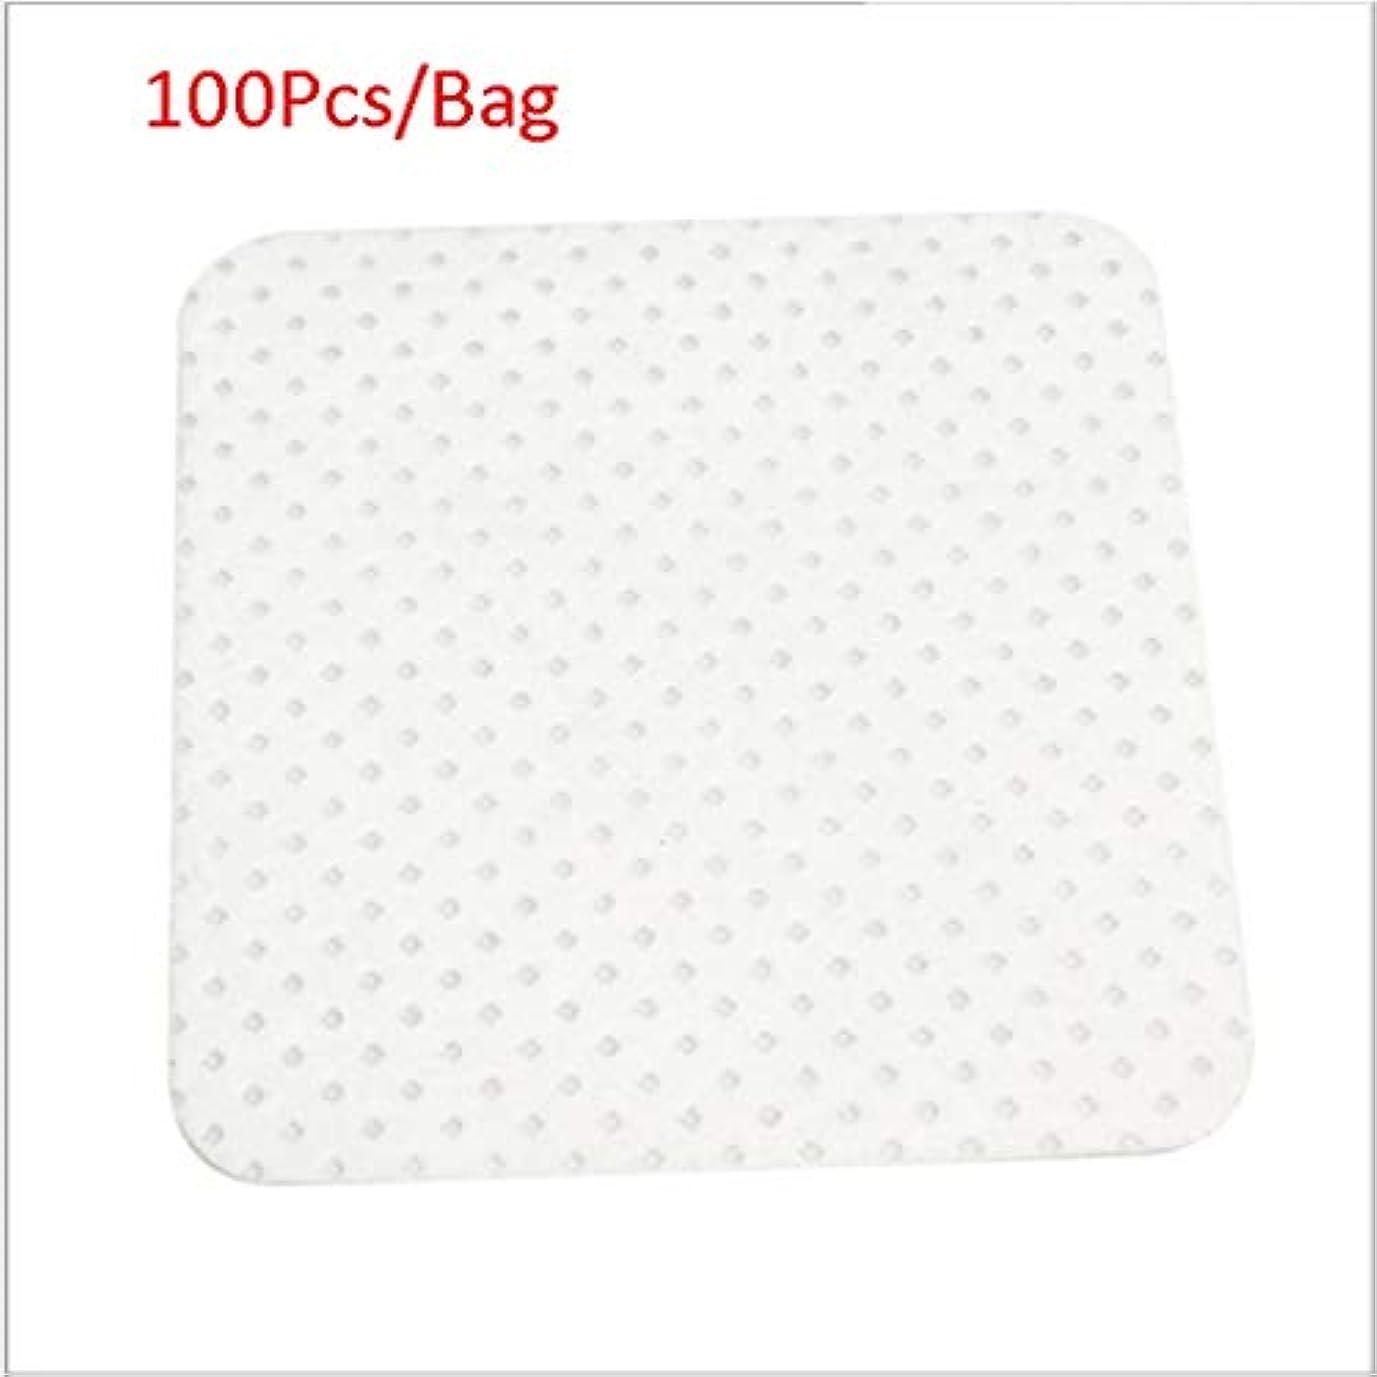 添付レジデンス満足クレンジングシート 100ピース/バッグ使い捨てまつげエクステンションのり取りコットンパッドボトル口拭きパッチメイク化粧品クリーニングツール (Color : White, サイズ : 5*5cm)